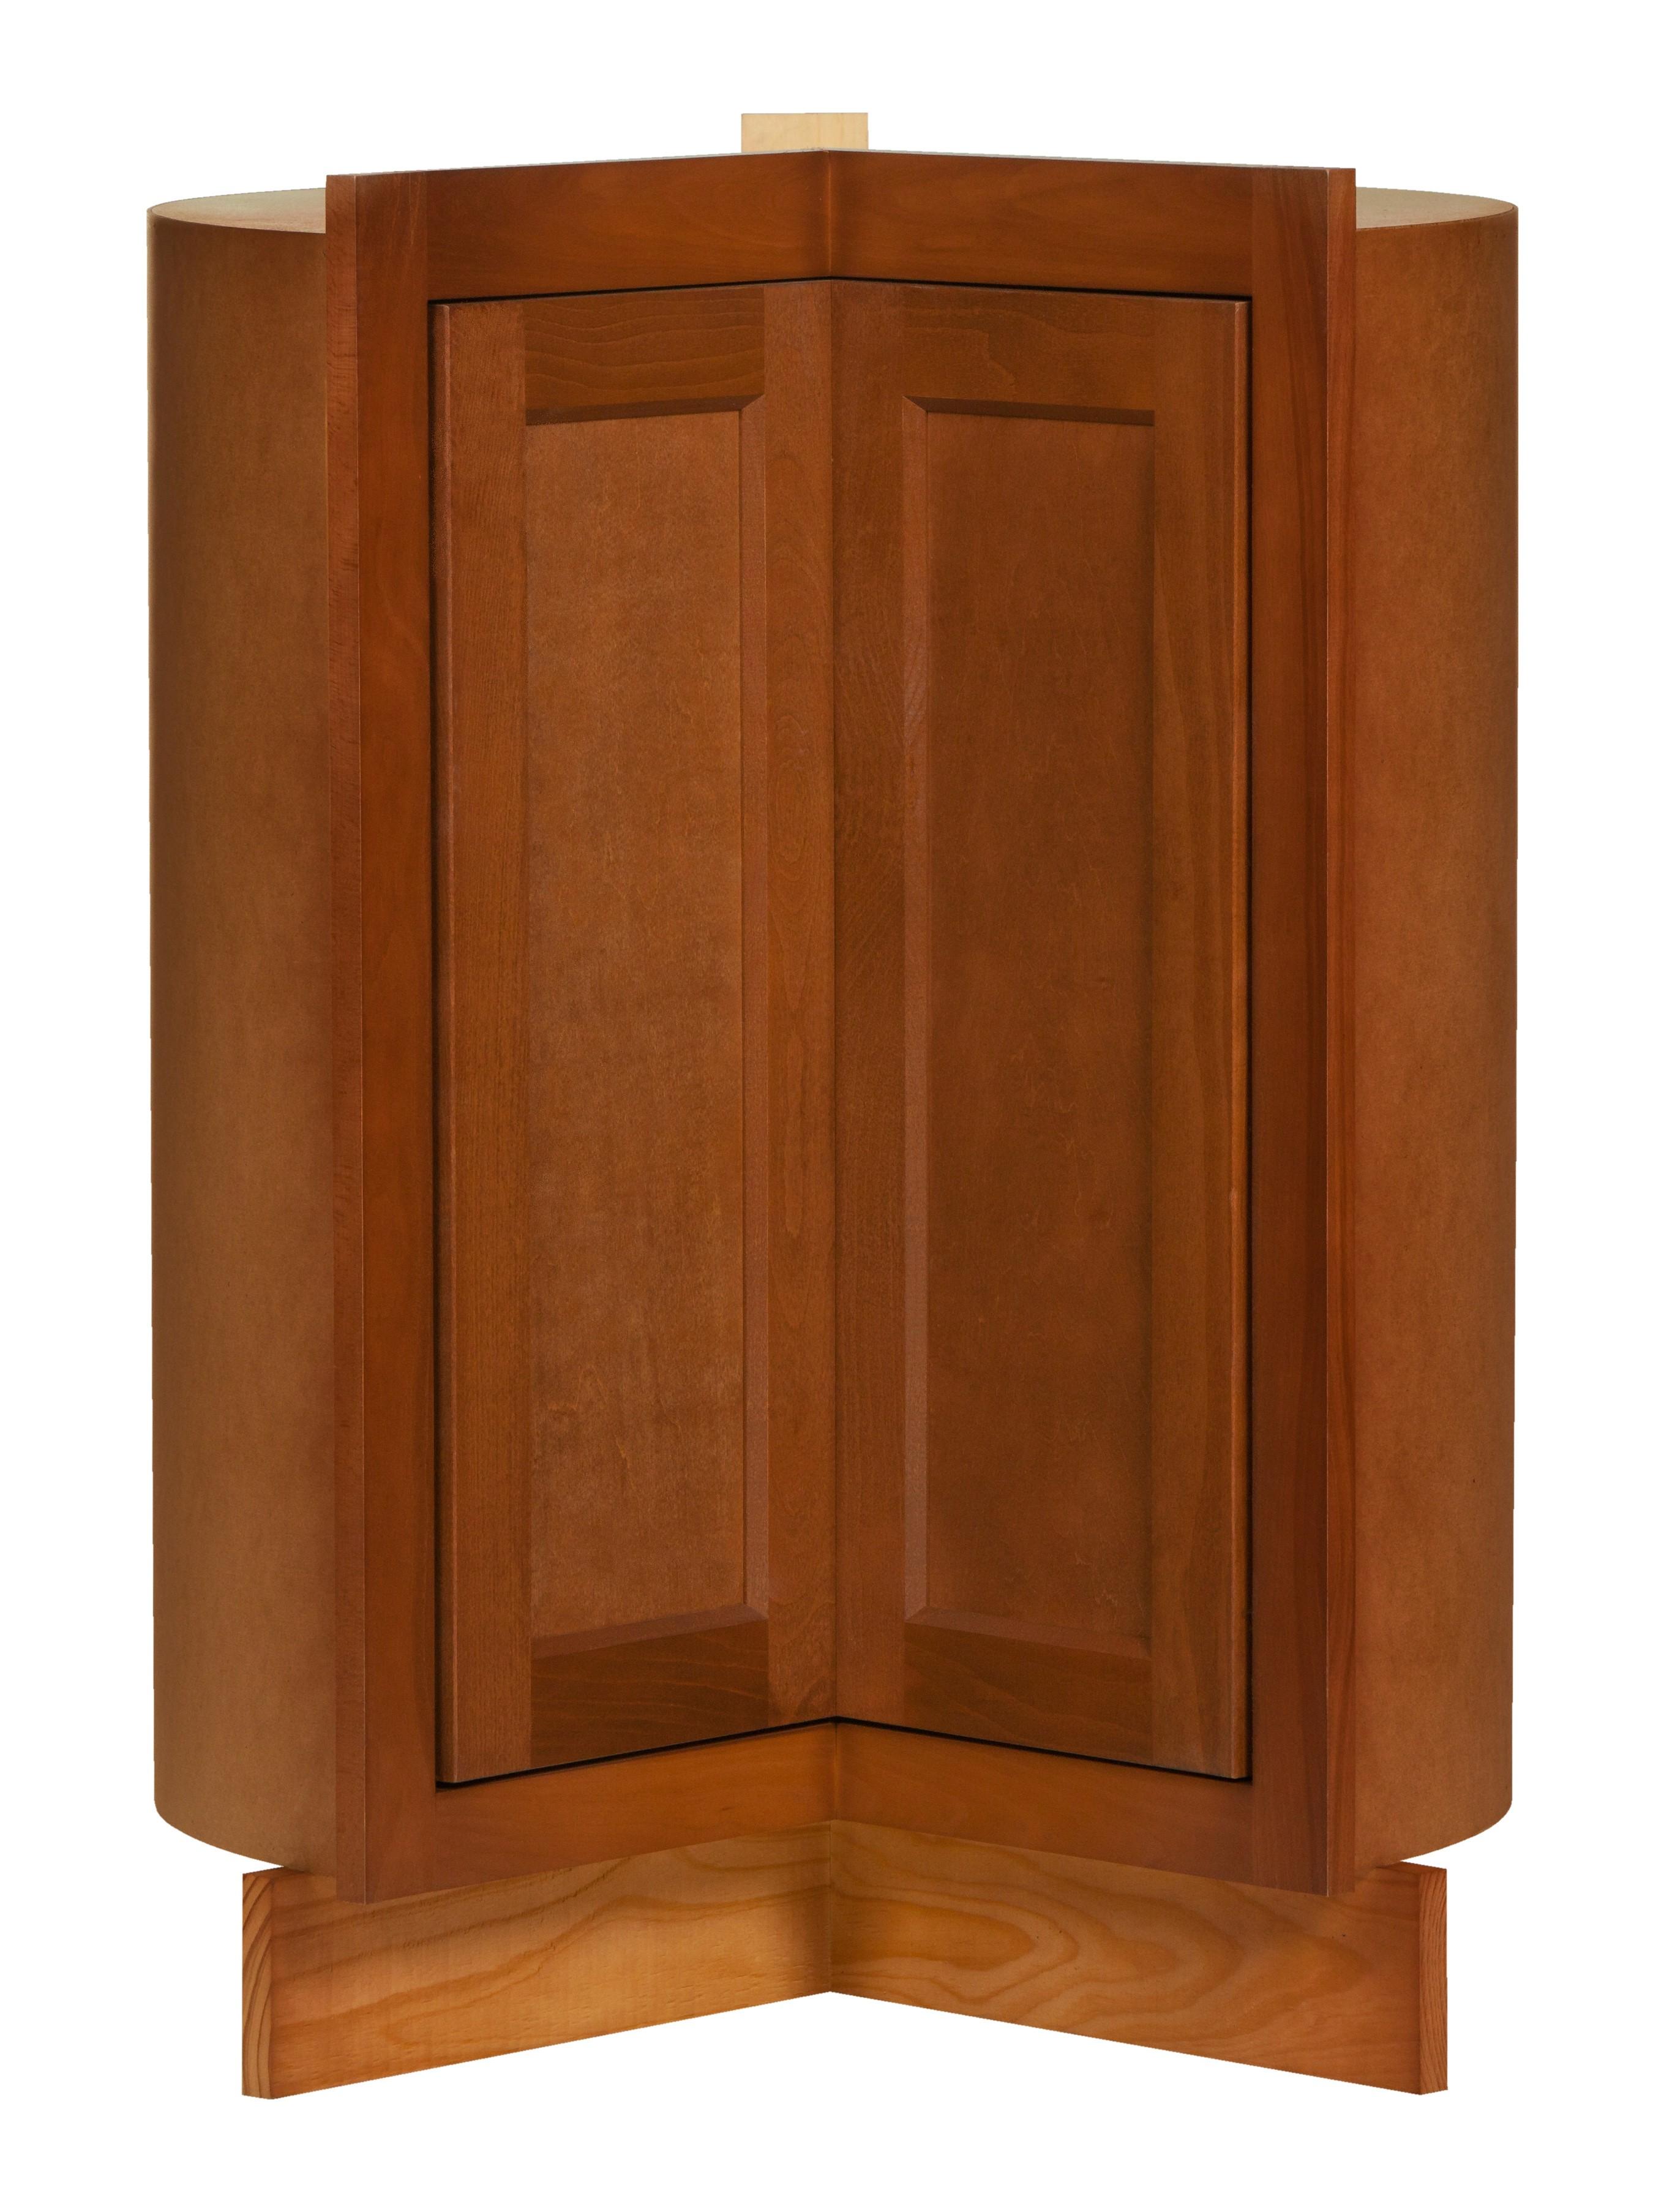 american building prod 36ls 36 inch glenwood lazy susan. Black Bedroom Furniture Sets. Home Design Ideas